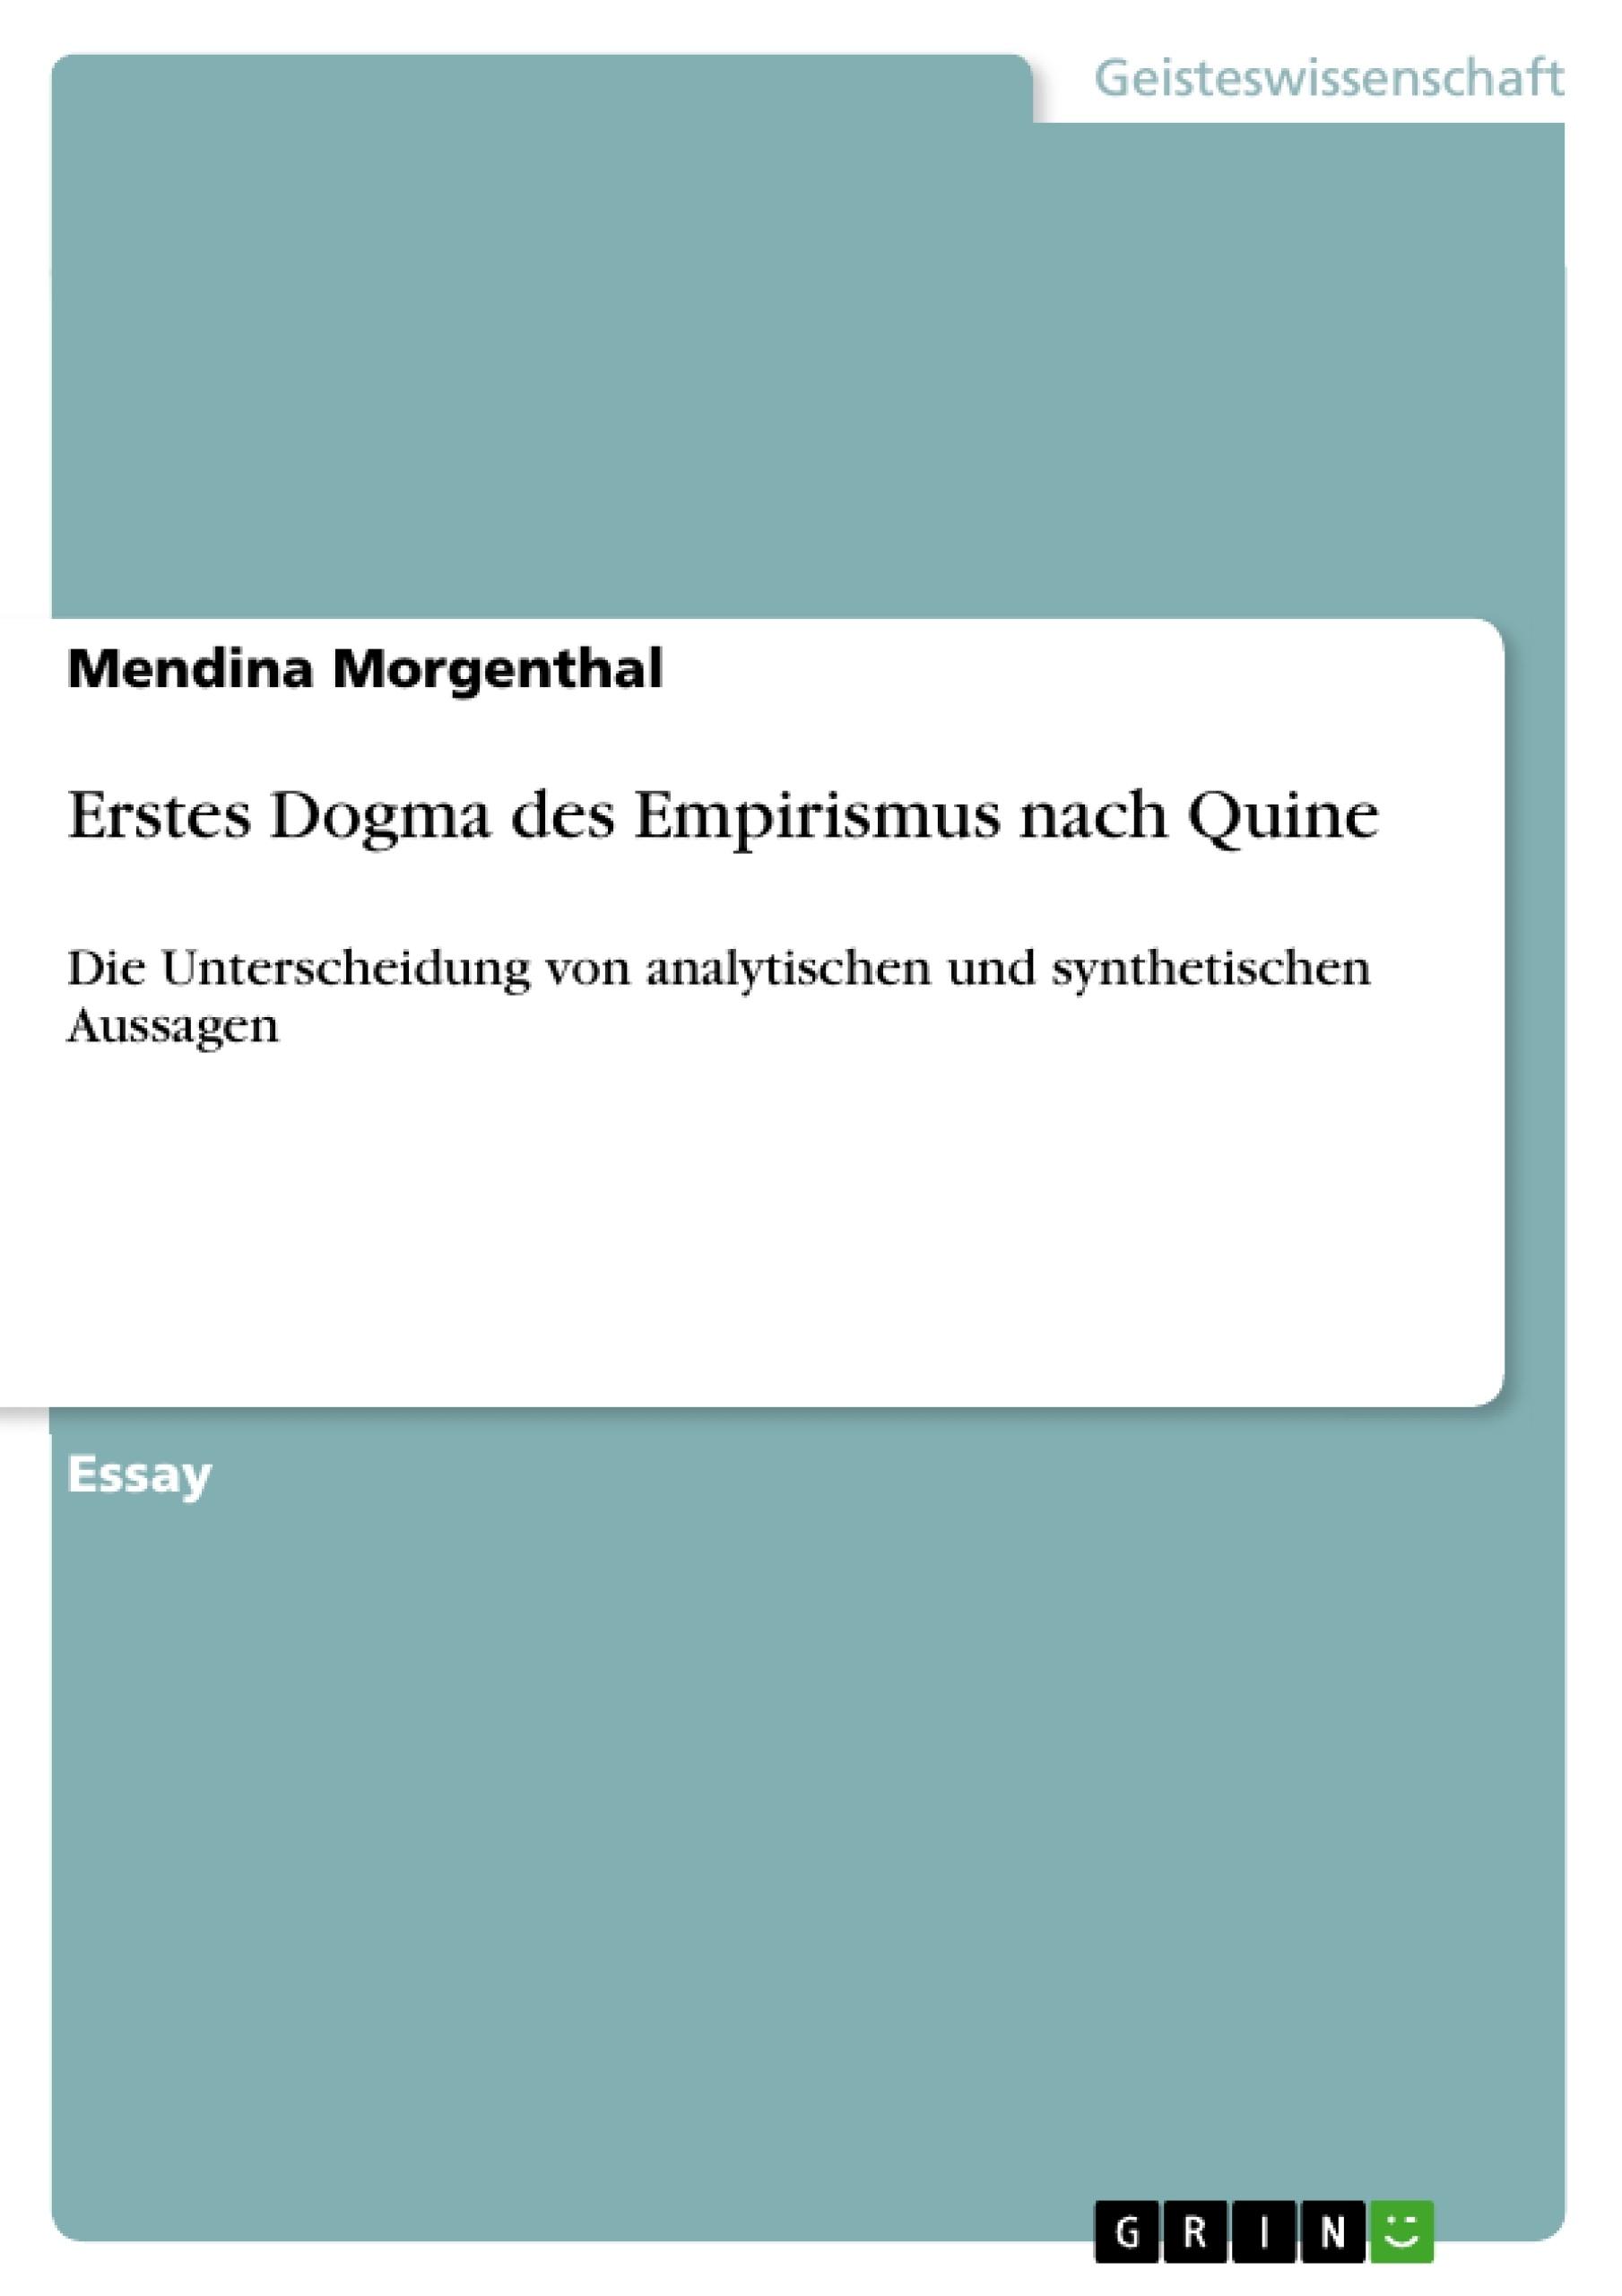 Titel: Erstes Dogma des Empirismus nach Quine